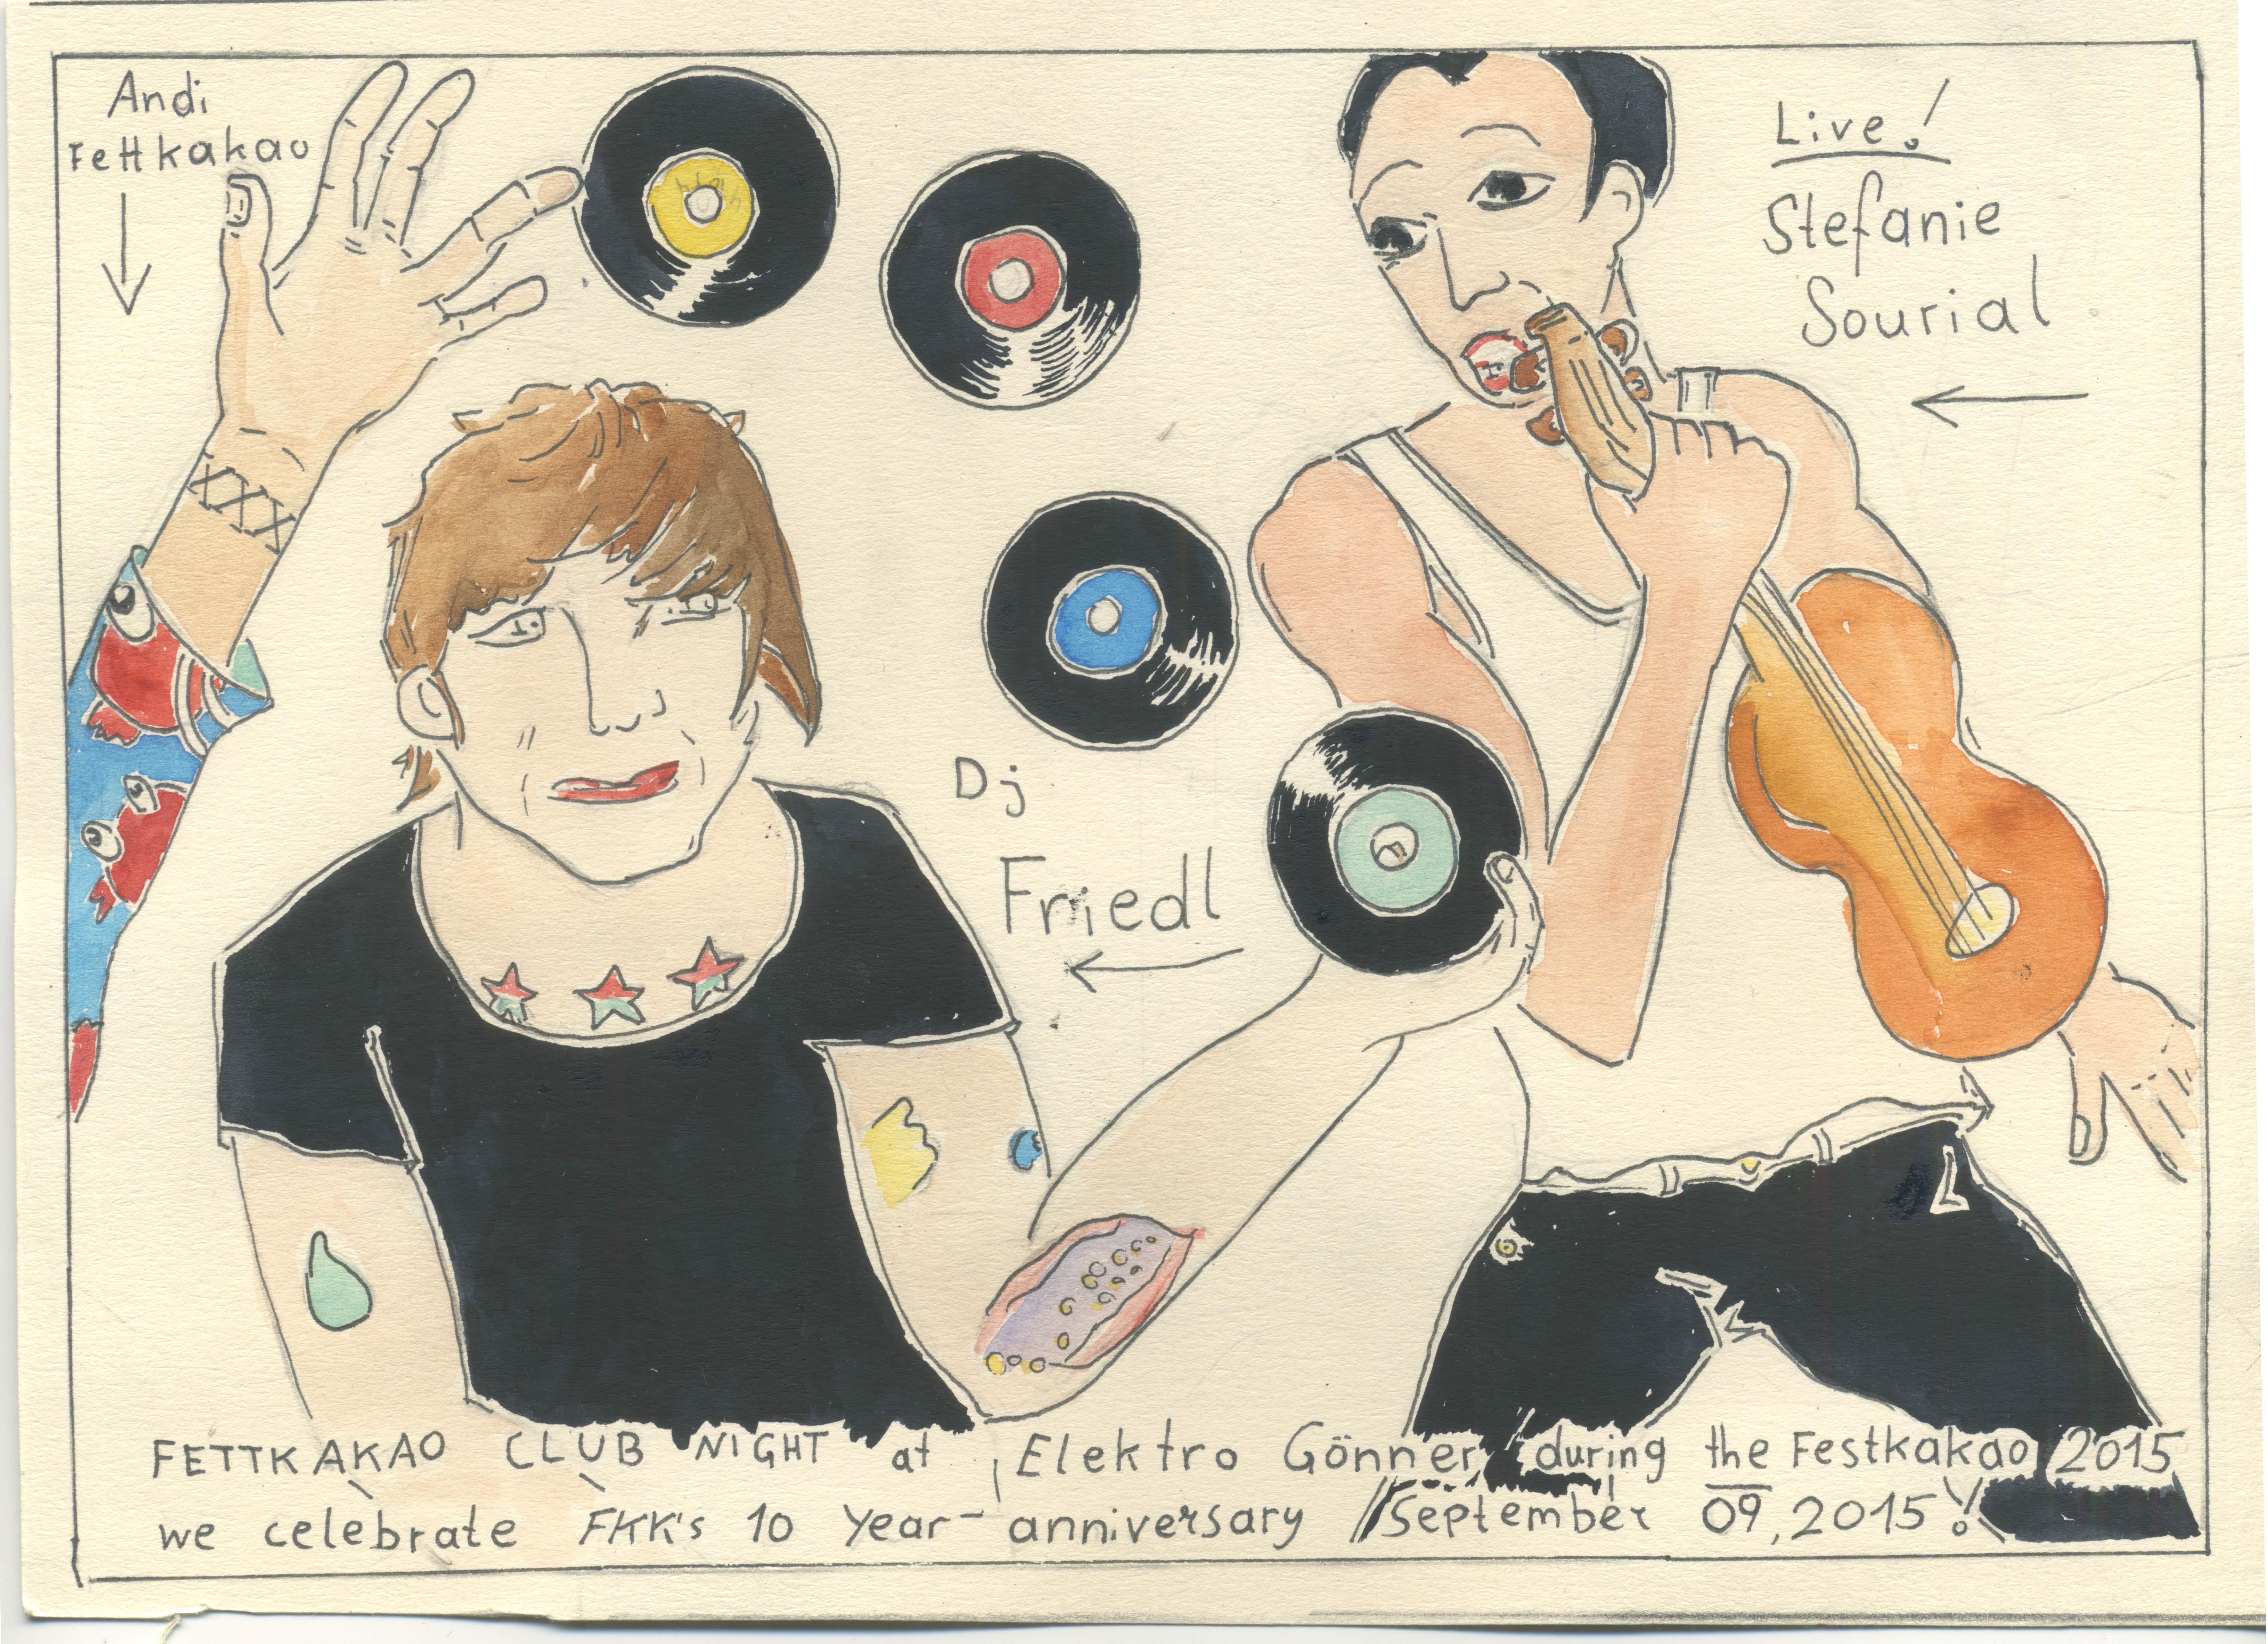 DJ Friedl & Andi Fettkakao    Live: Stefanie Sourial